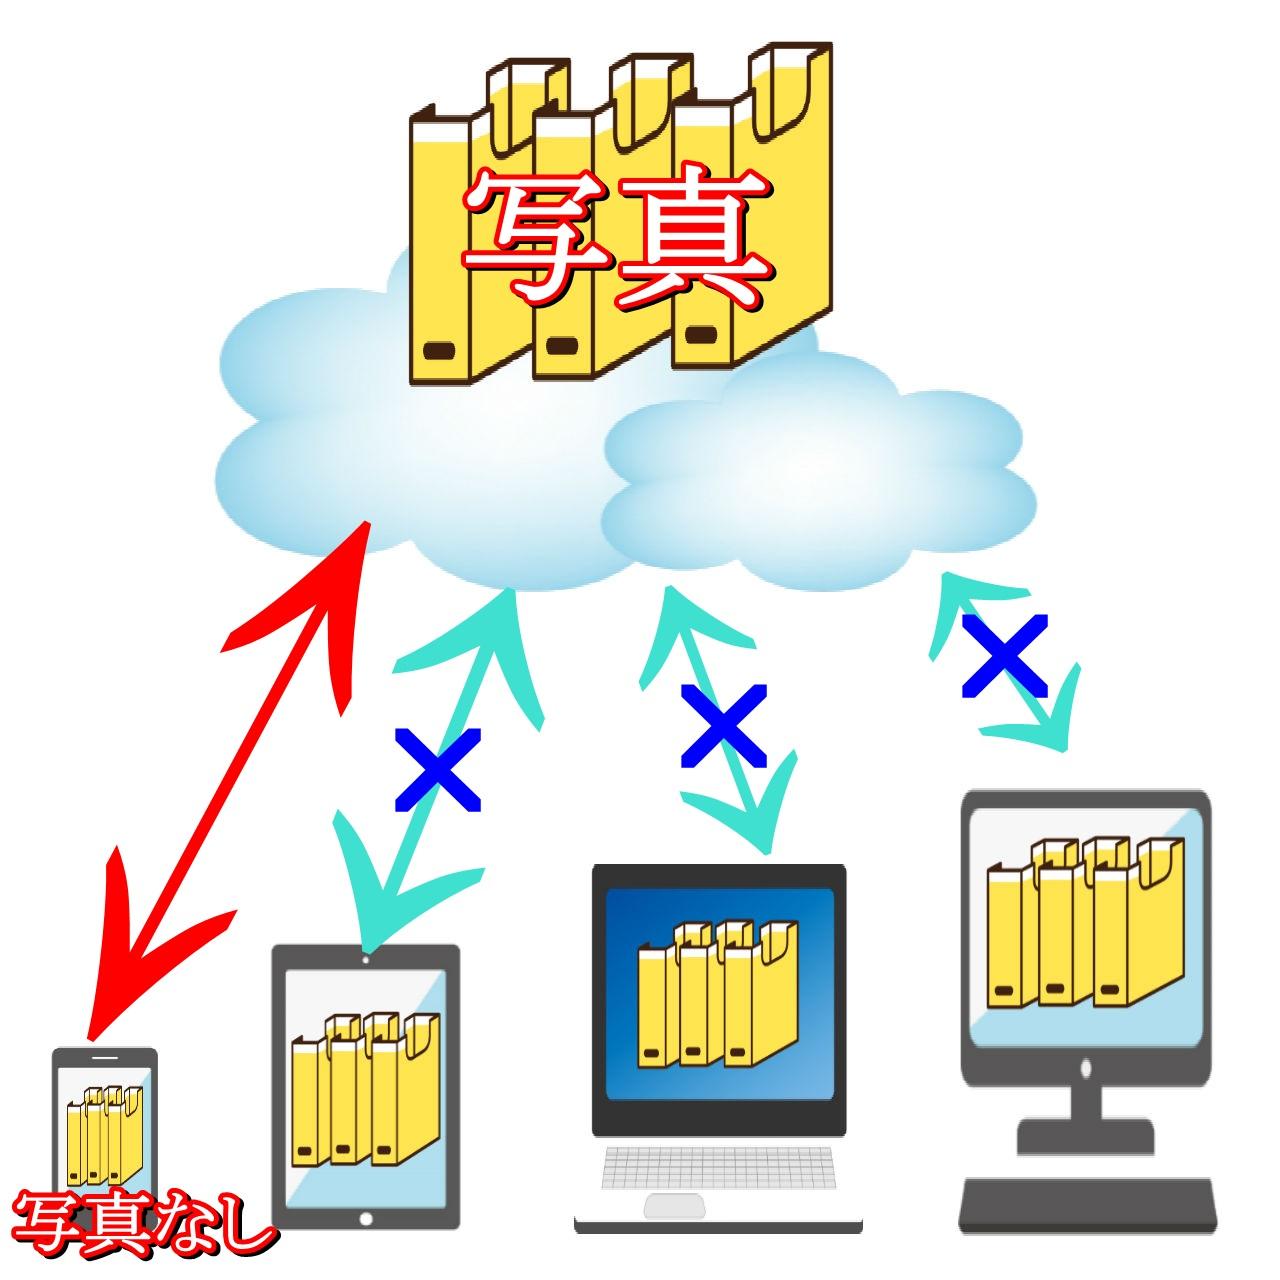 クラウドサービス&同期とは?図を例に簡単&わかりやすく動画で解説6